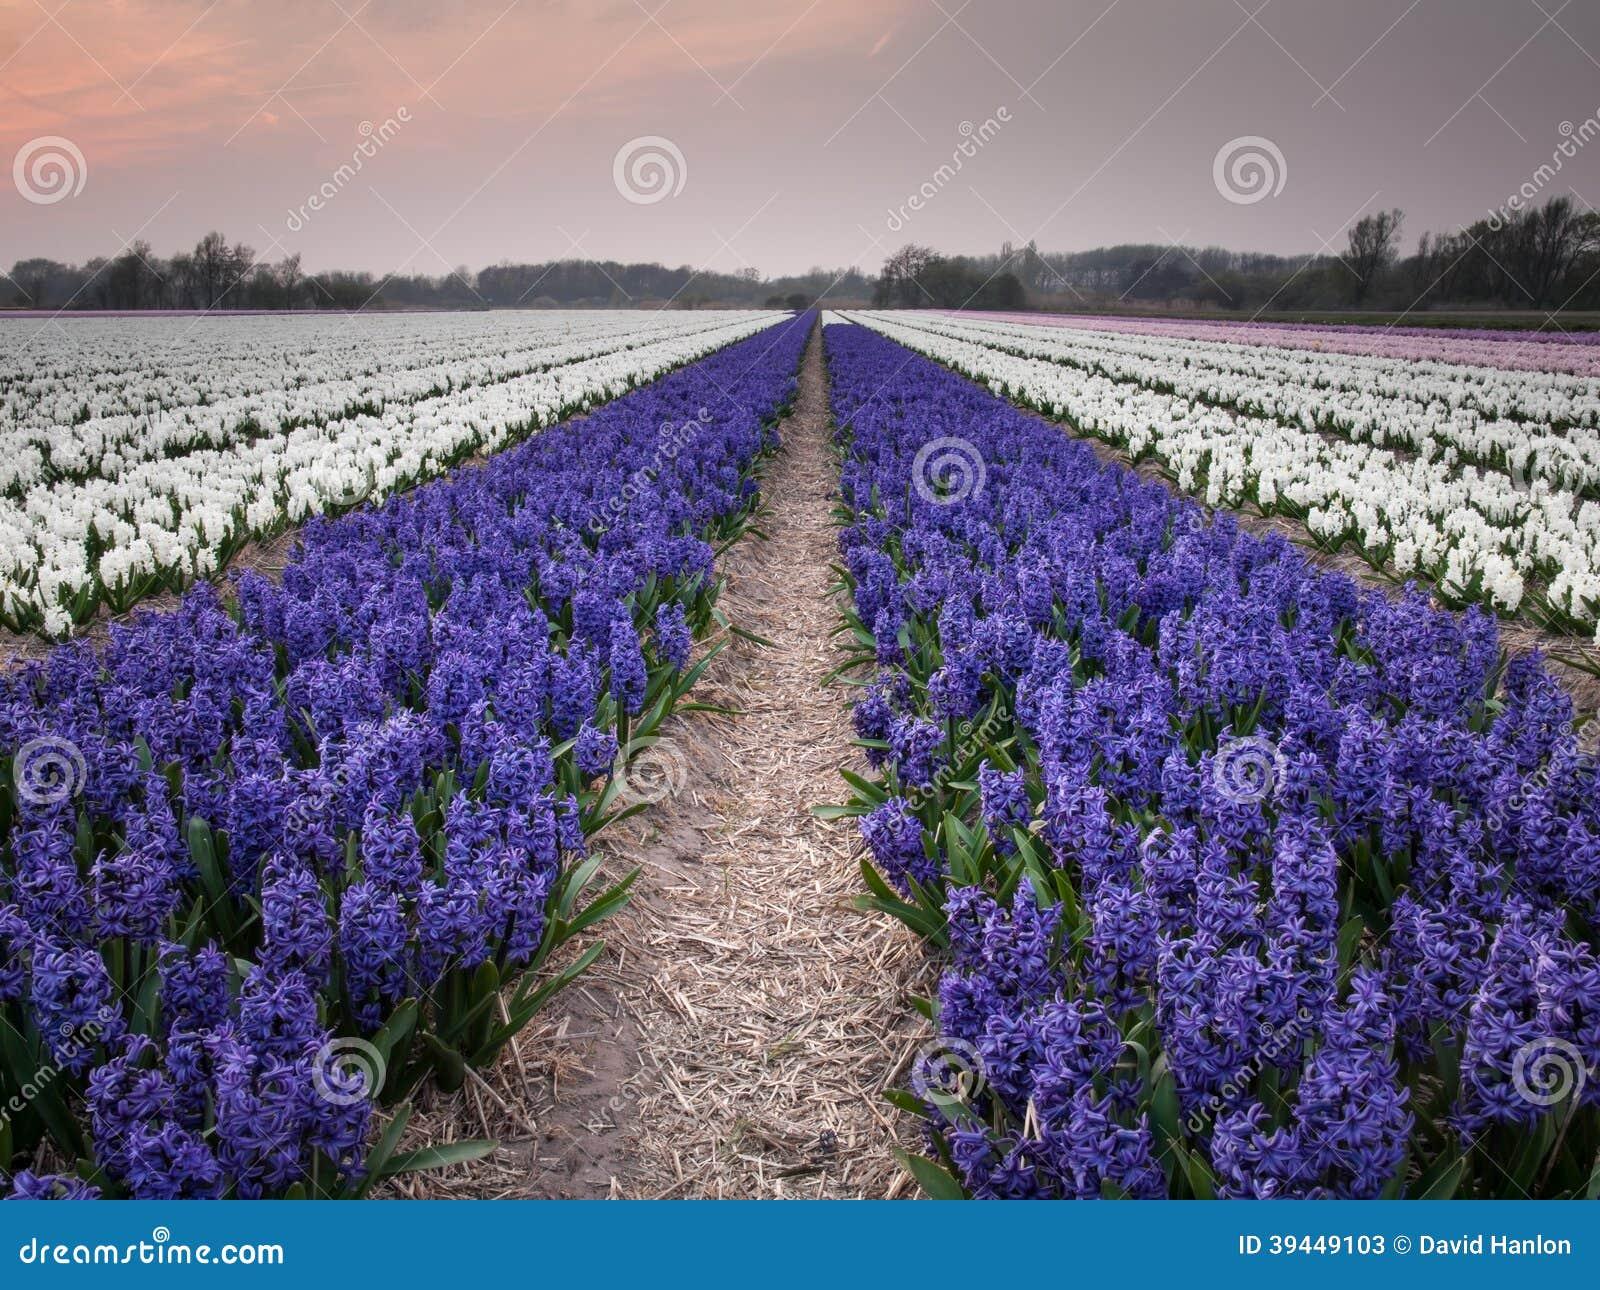 Field of hyacinths under evening light